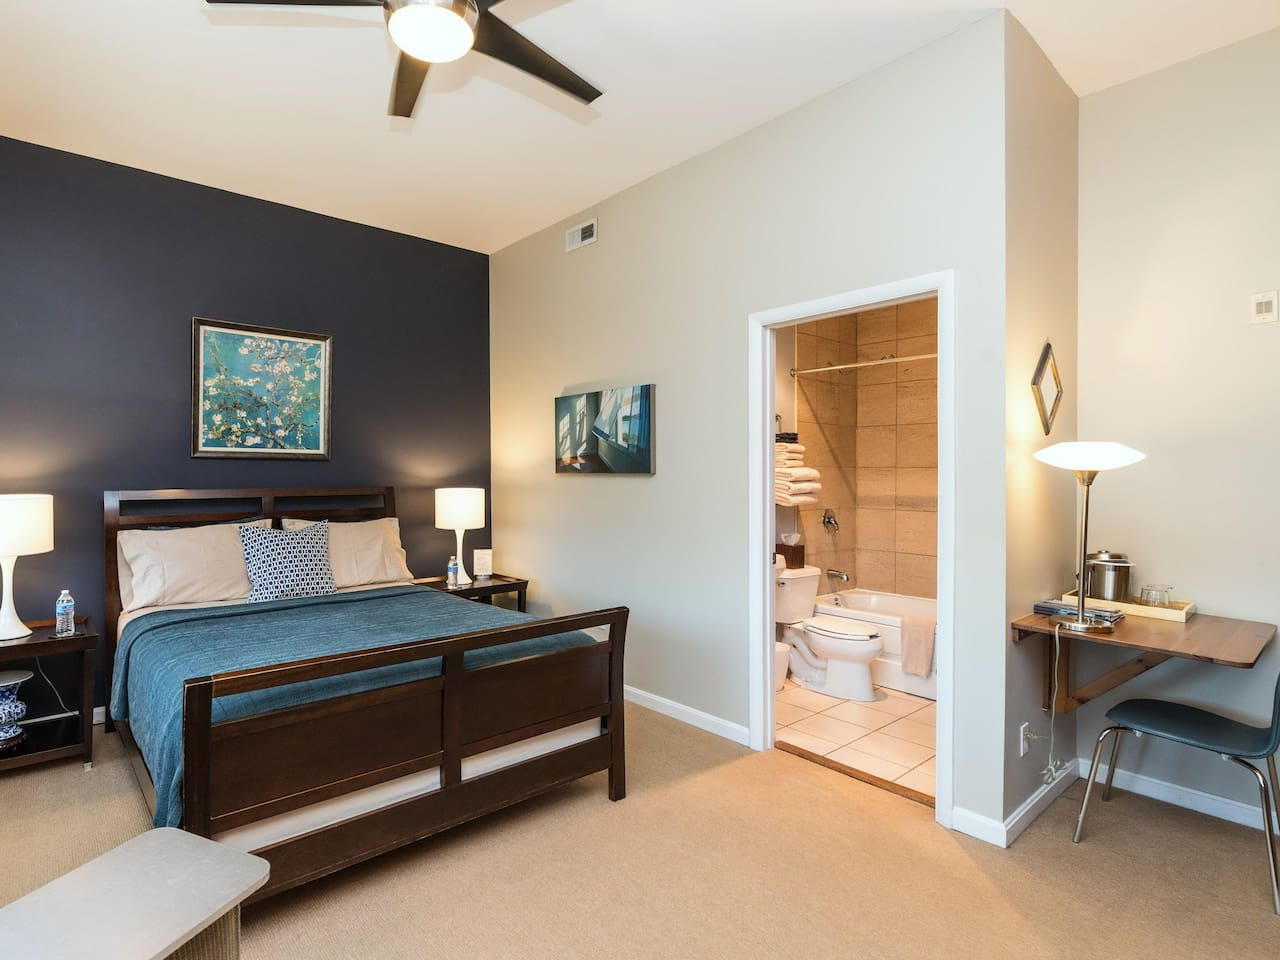 Queen Guest Room - a Business Traveler's Dream!